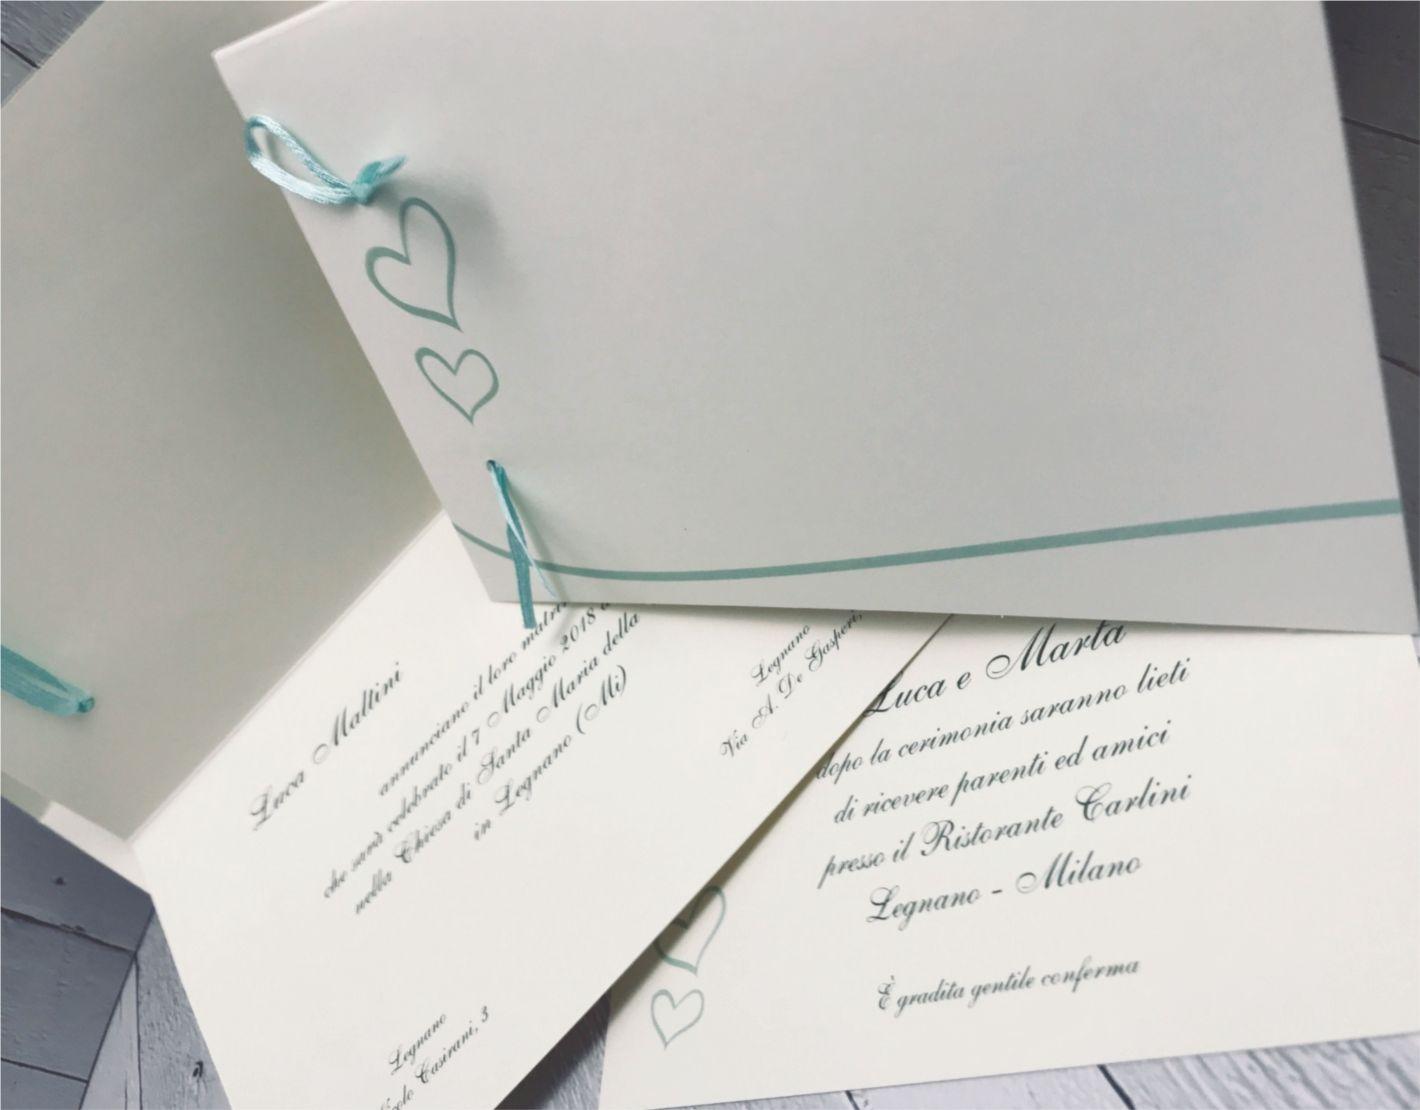 Partecipazioni Matrimonio Tiffany On Line.Partecipazioni Nozze Verde Tiffany